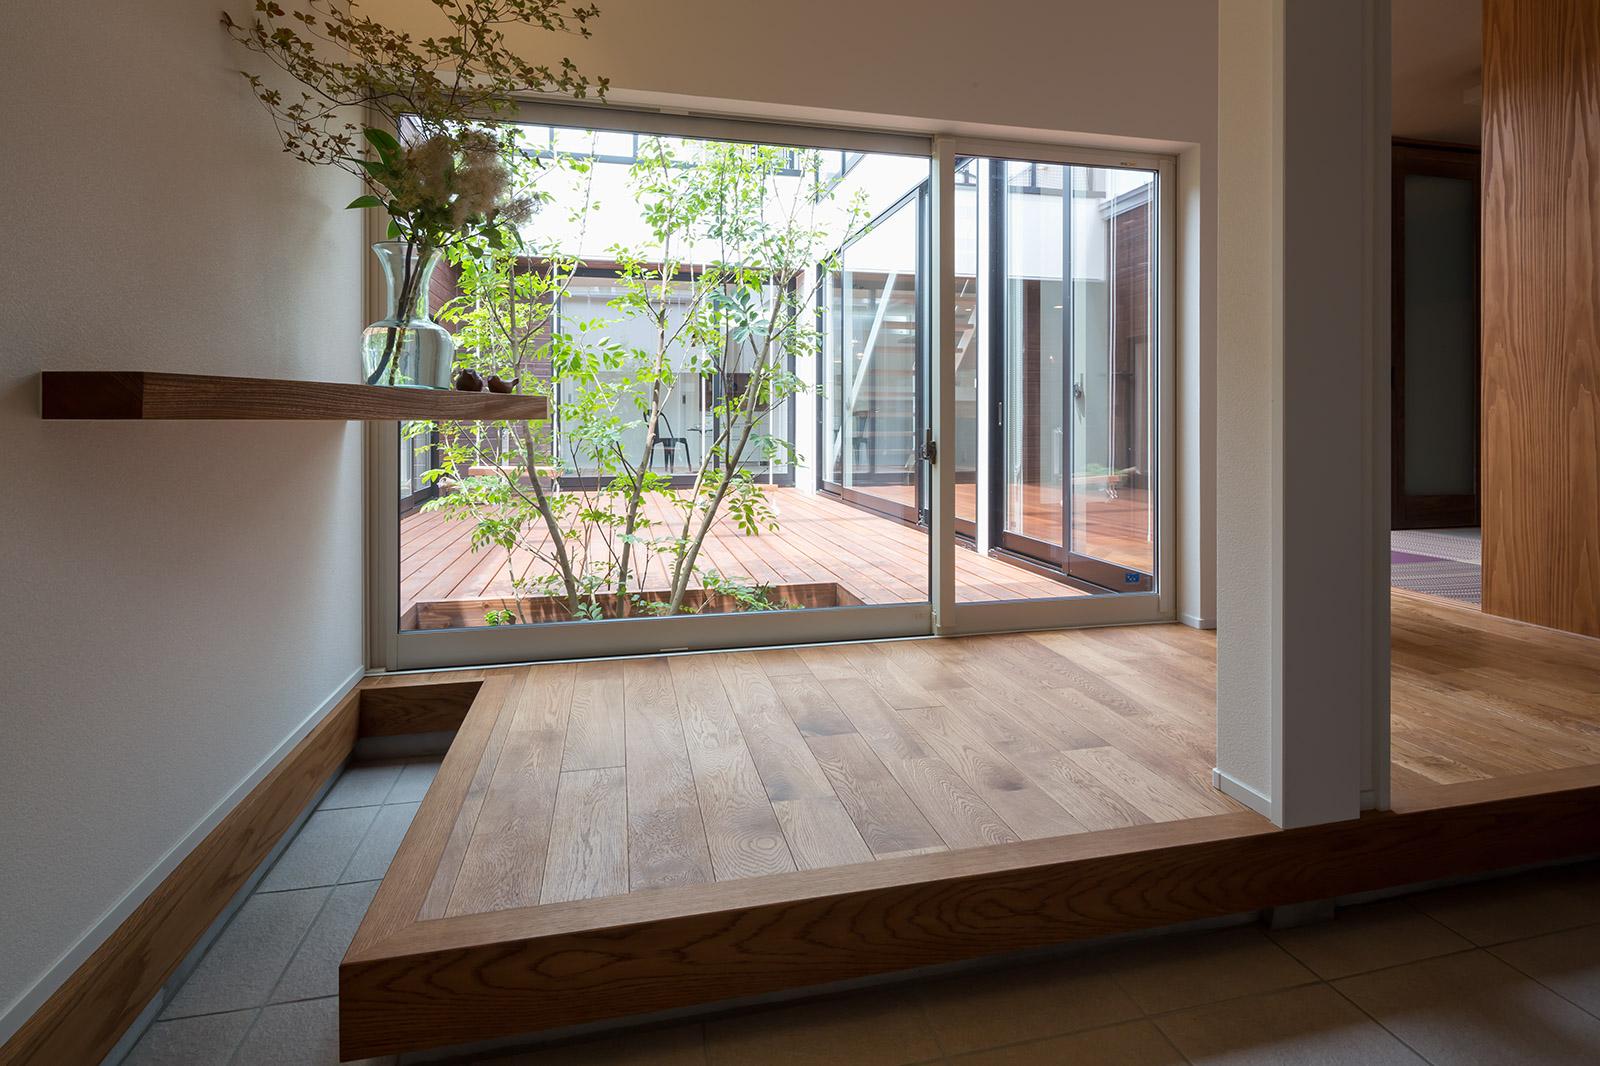 共有の玄関から室内に入ると中庭の緑が真正面で出迎える